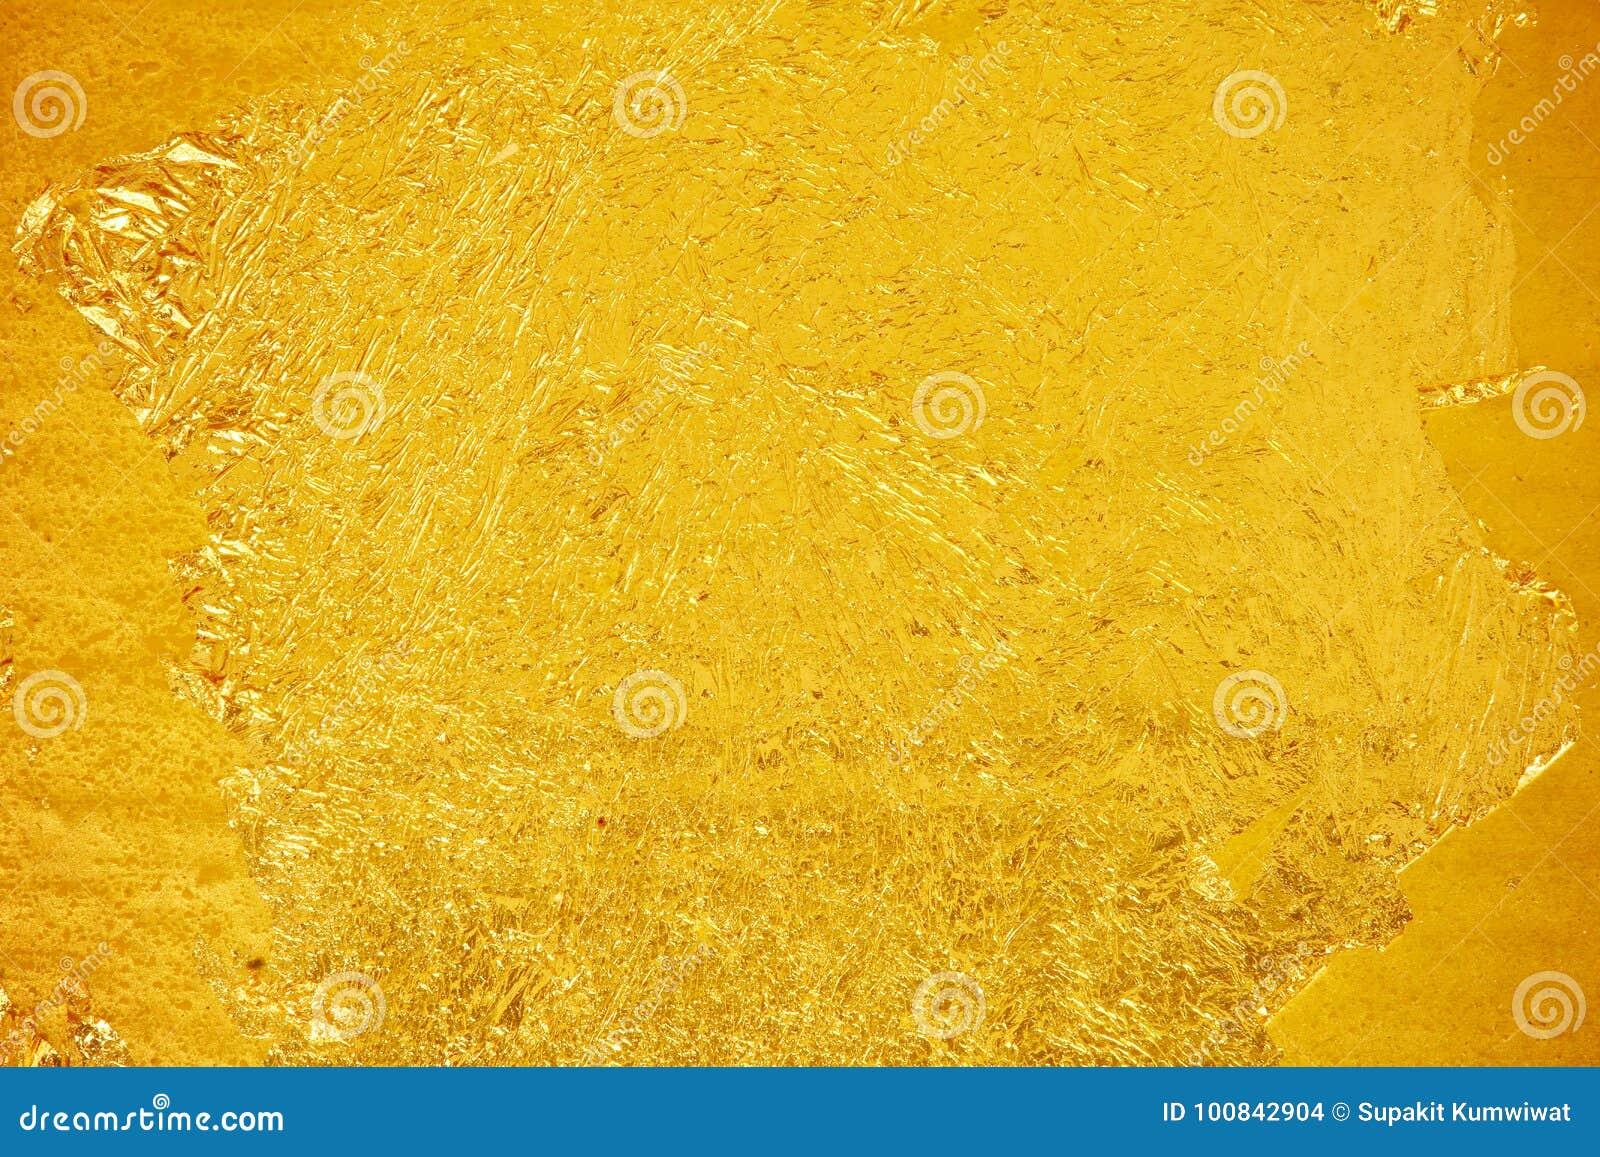 发光的黄色叶子黑暗的金箔纹理背景